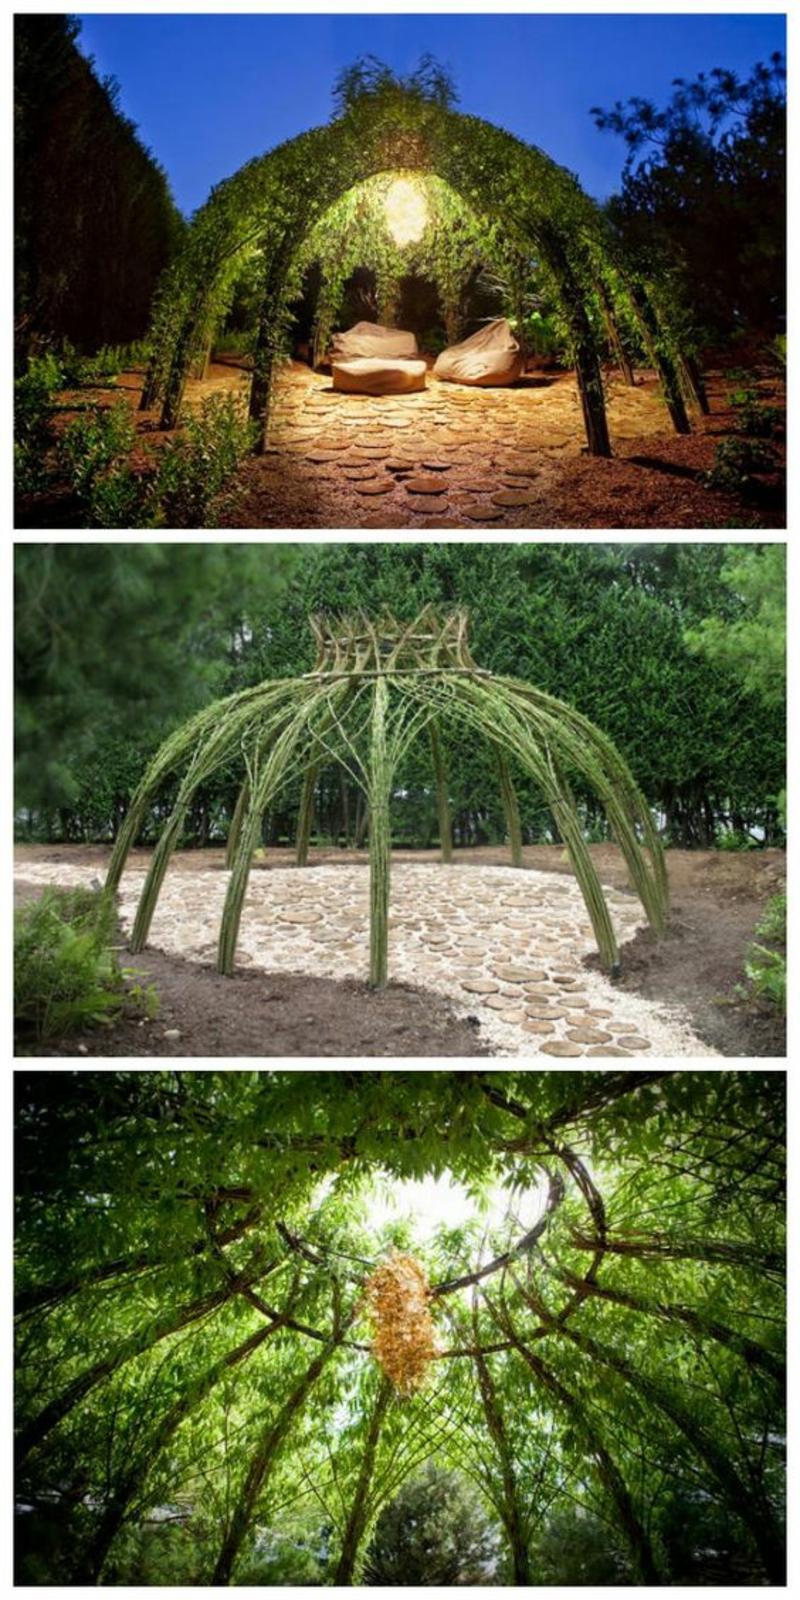 kreative Gartenideen Gartenarbeit Gartenlaube Kletterpflanzen